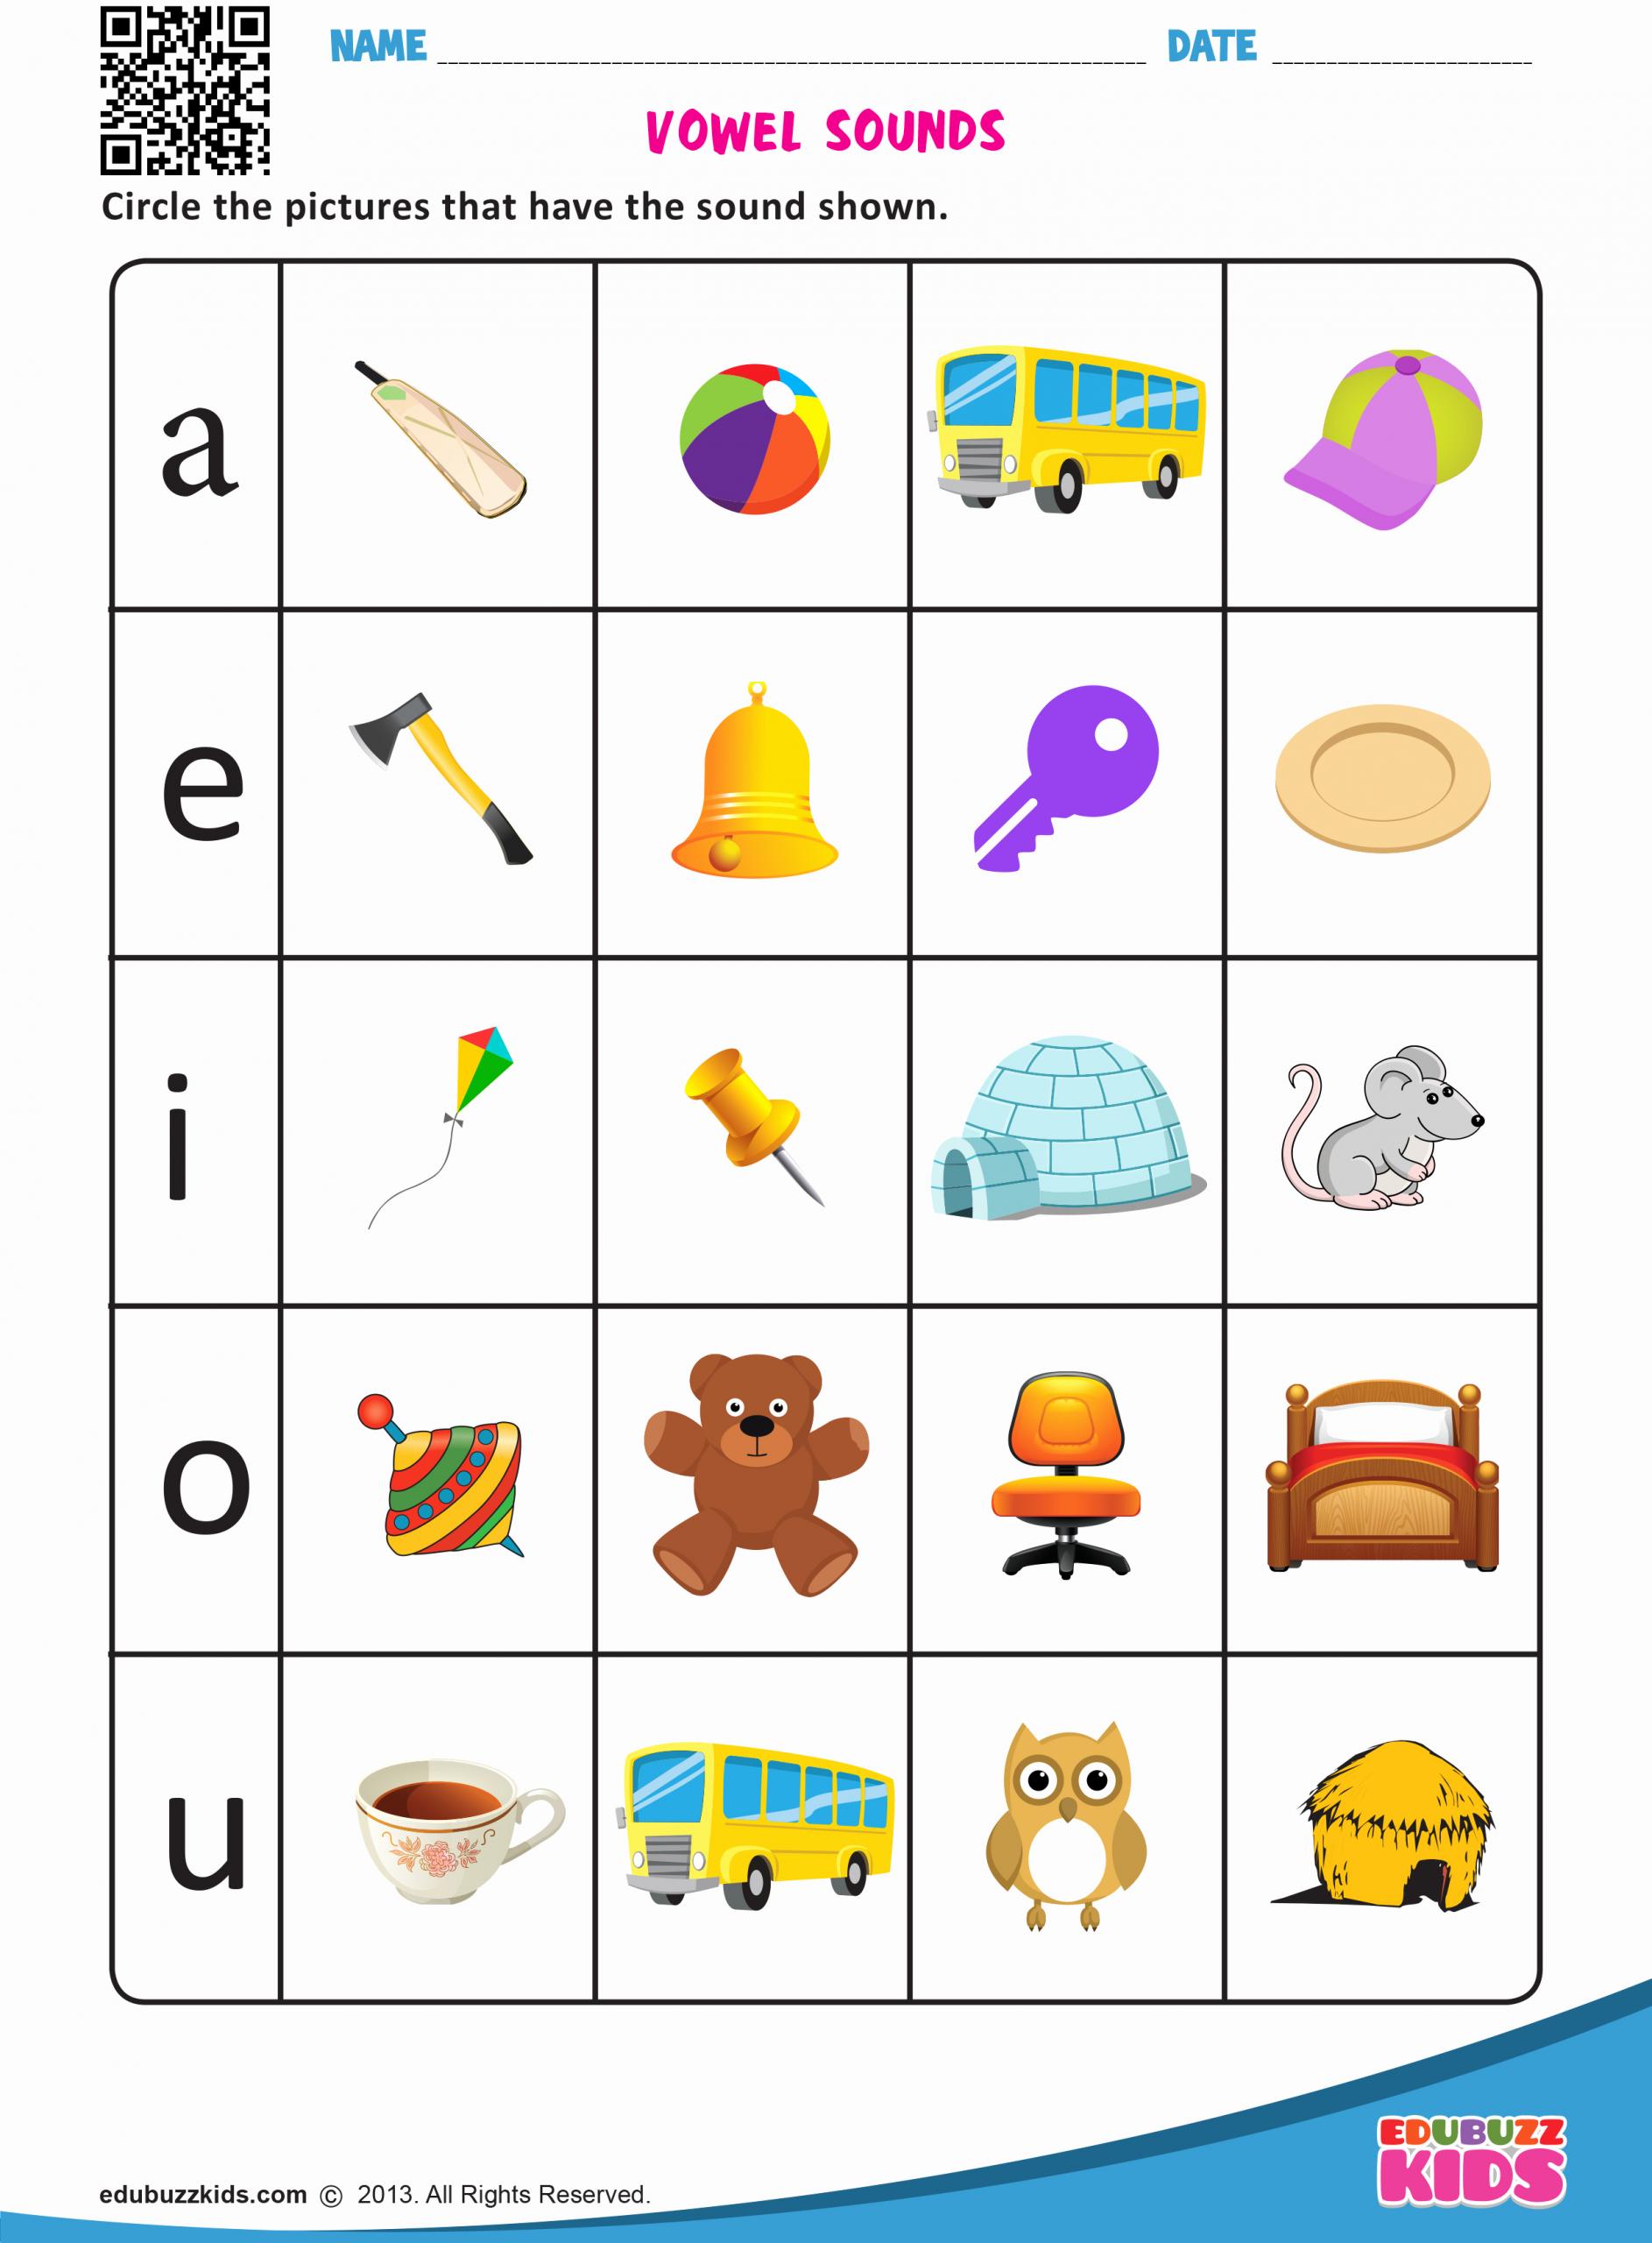 Vowel Worksheets for Kindergarten New Vowel sounds Worksheets for Preschool and Kindergarten